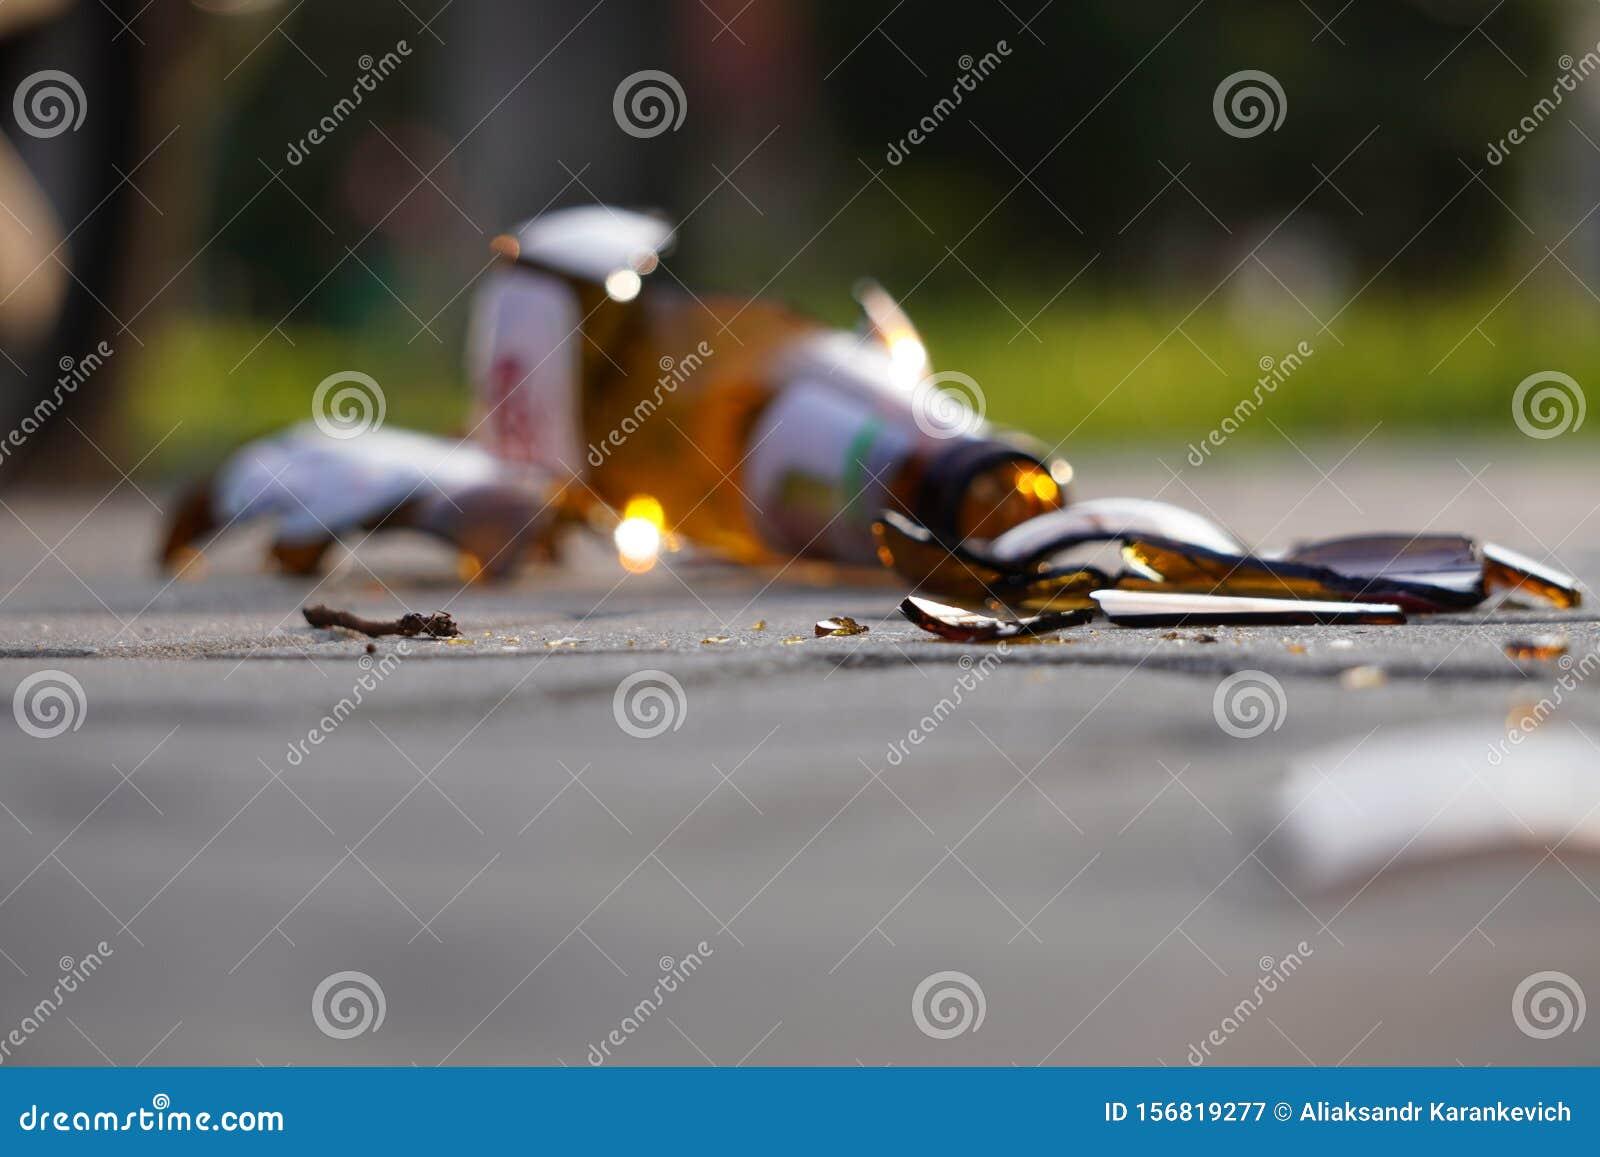 Bottle of beer, soda or drugs from dark glass is broken. Shattered beer bottle on ground in sunset light. Fragments of glass on